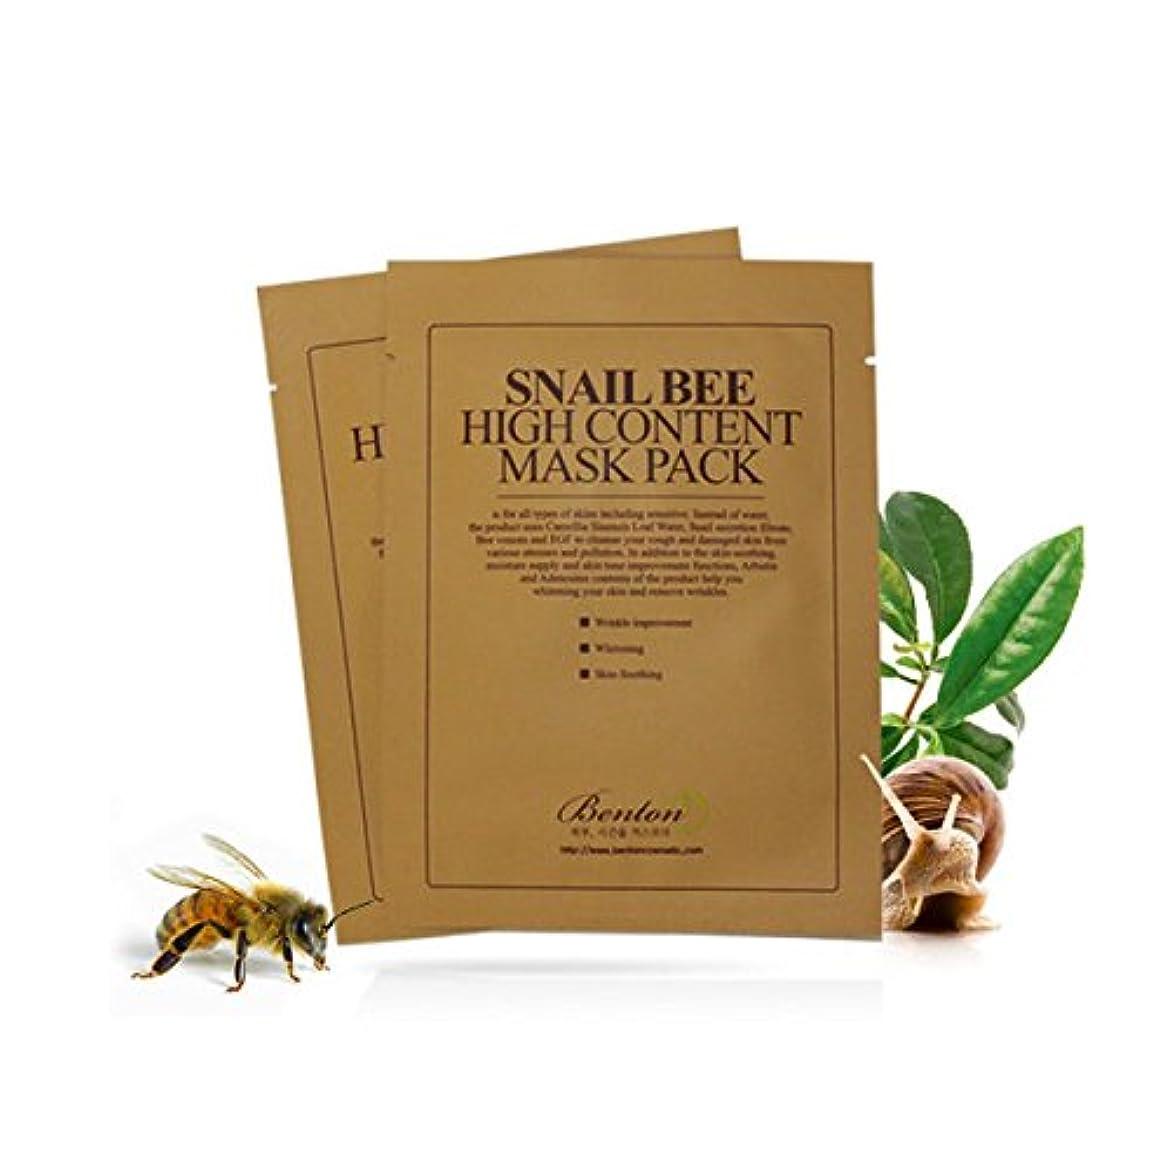 操作雇用者小売[ベントン] BENTON カタツムリ蜂の高いコンテンツ?マスクパック Snail Bee High Content Mask Pack Sheet 10 Pcs [並行輸入品]